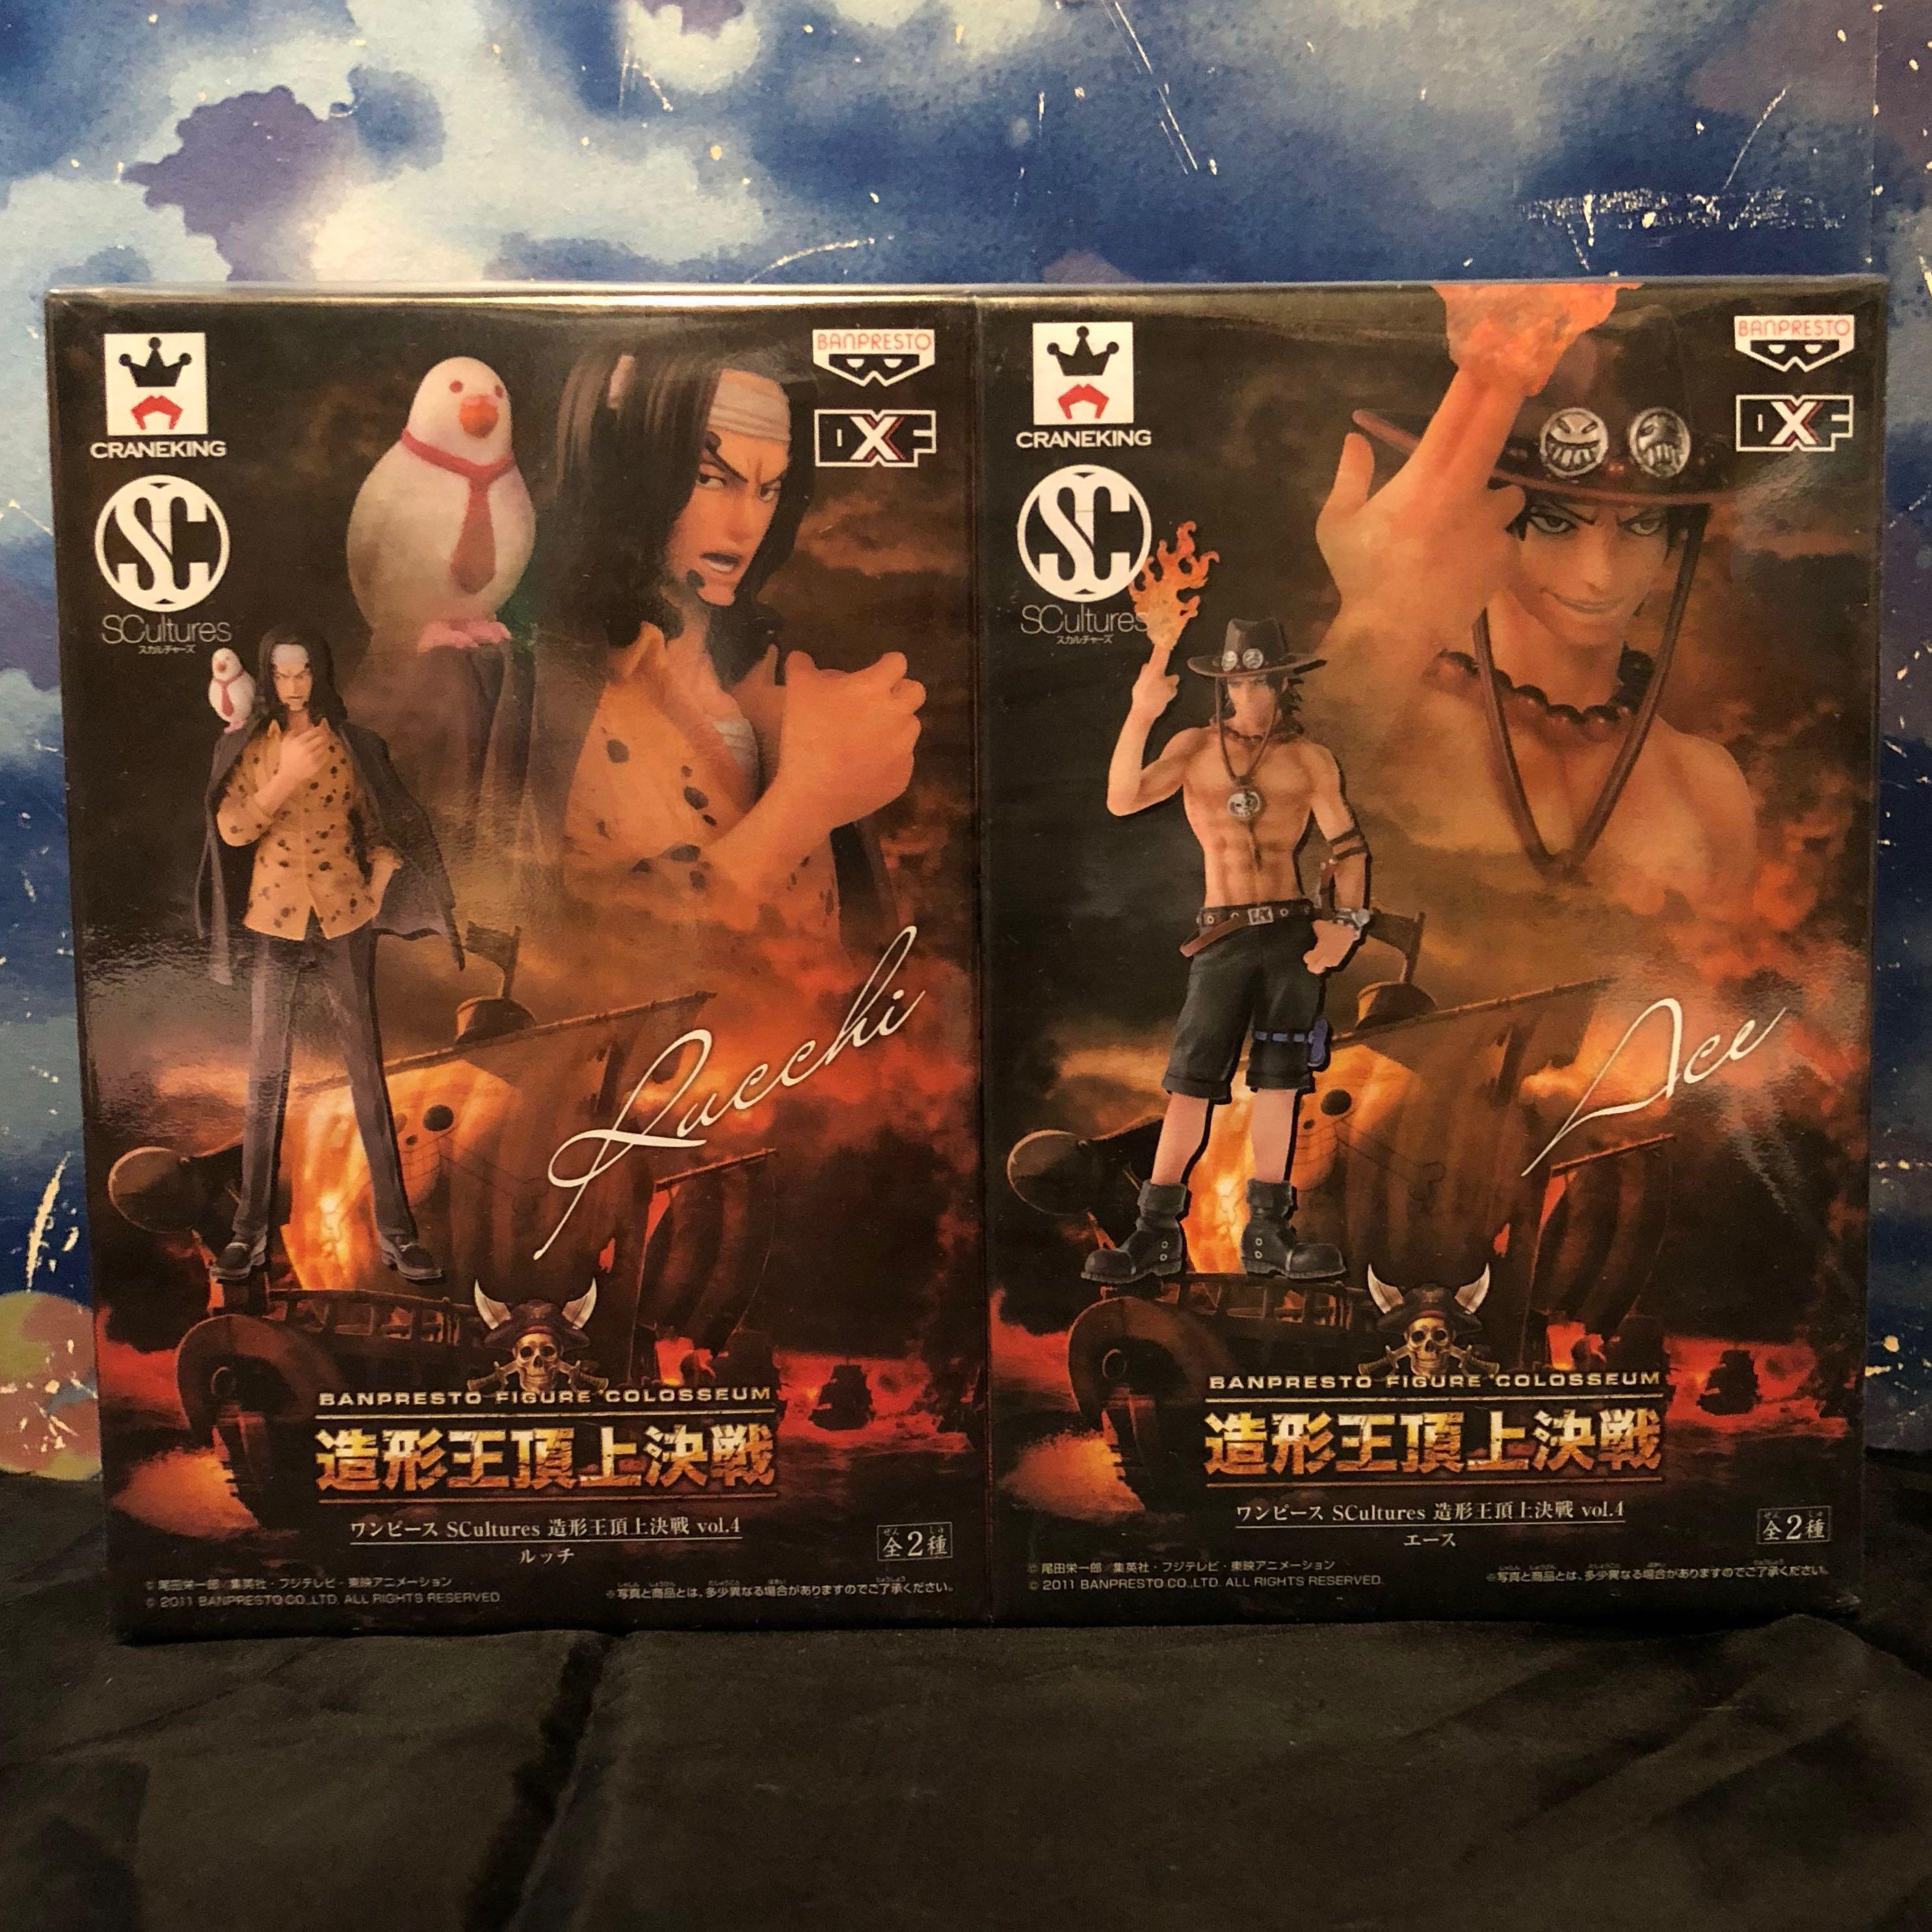 全新絕版 One Piece 海賊王 景品 造型王頂上決戰1 vol.4 艾斯 魯茲